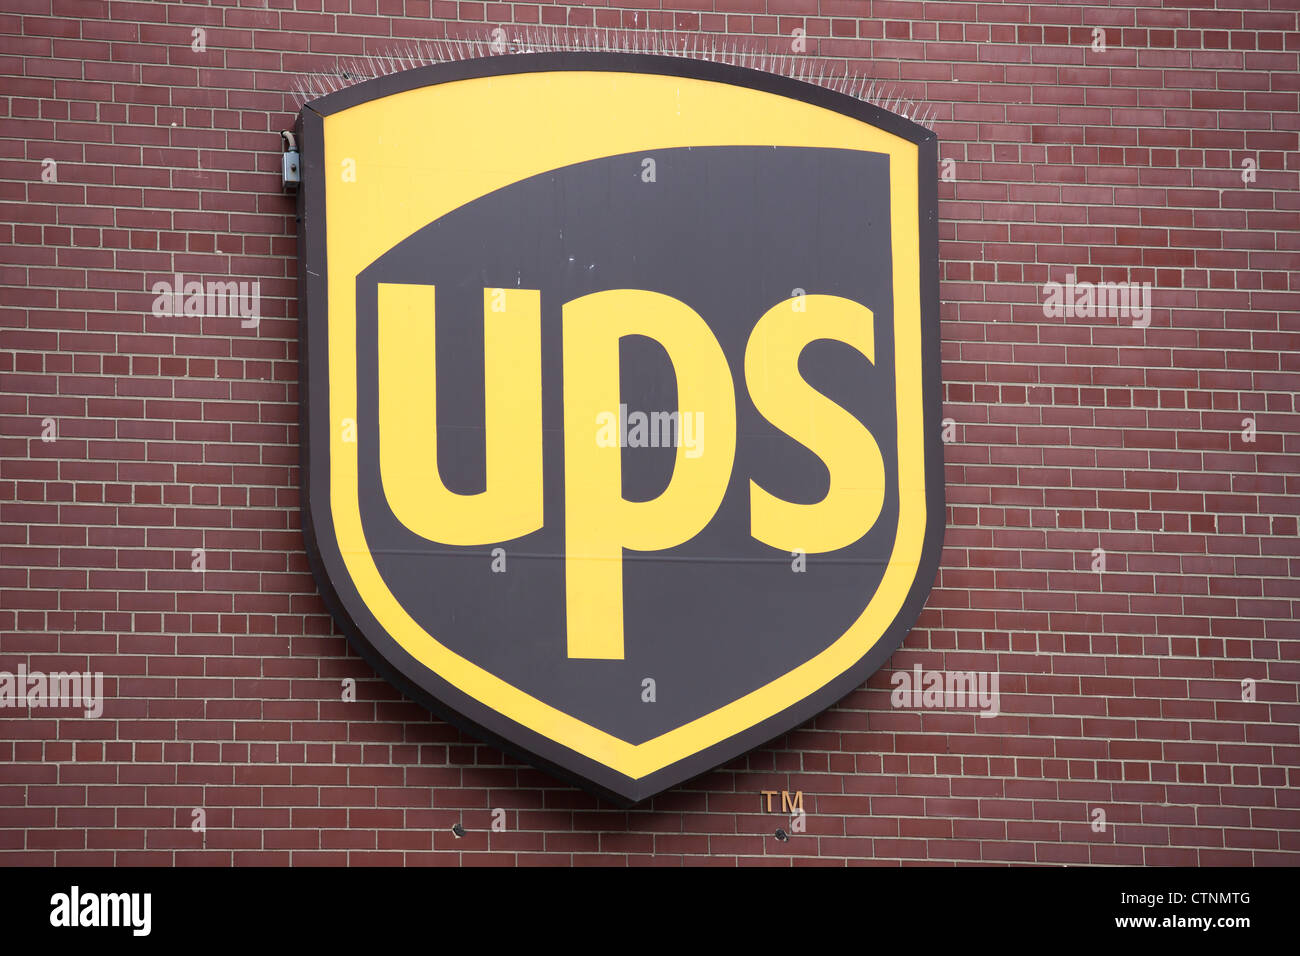 Un UPS (United Parcel Service) segno su una parete. Immagini Stock